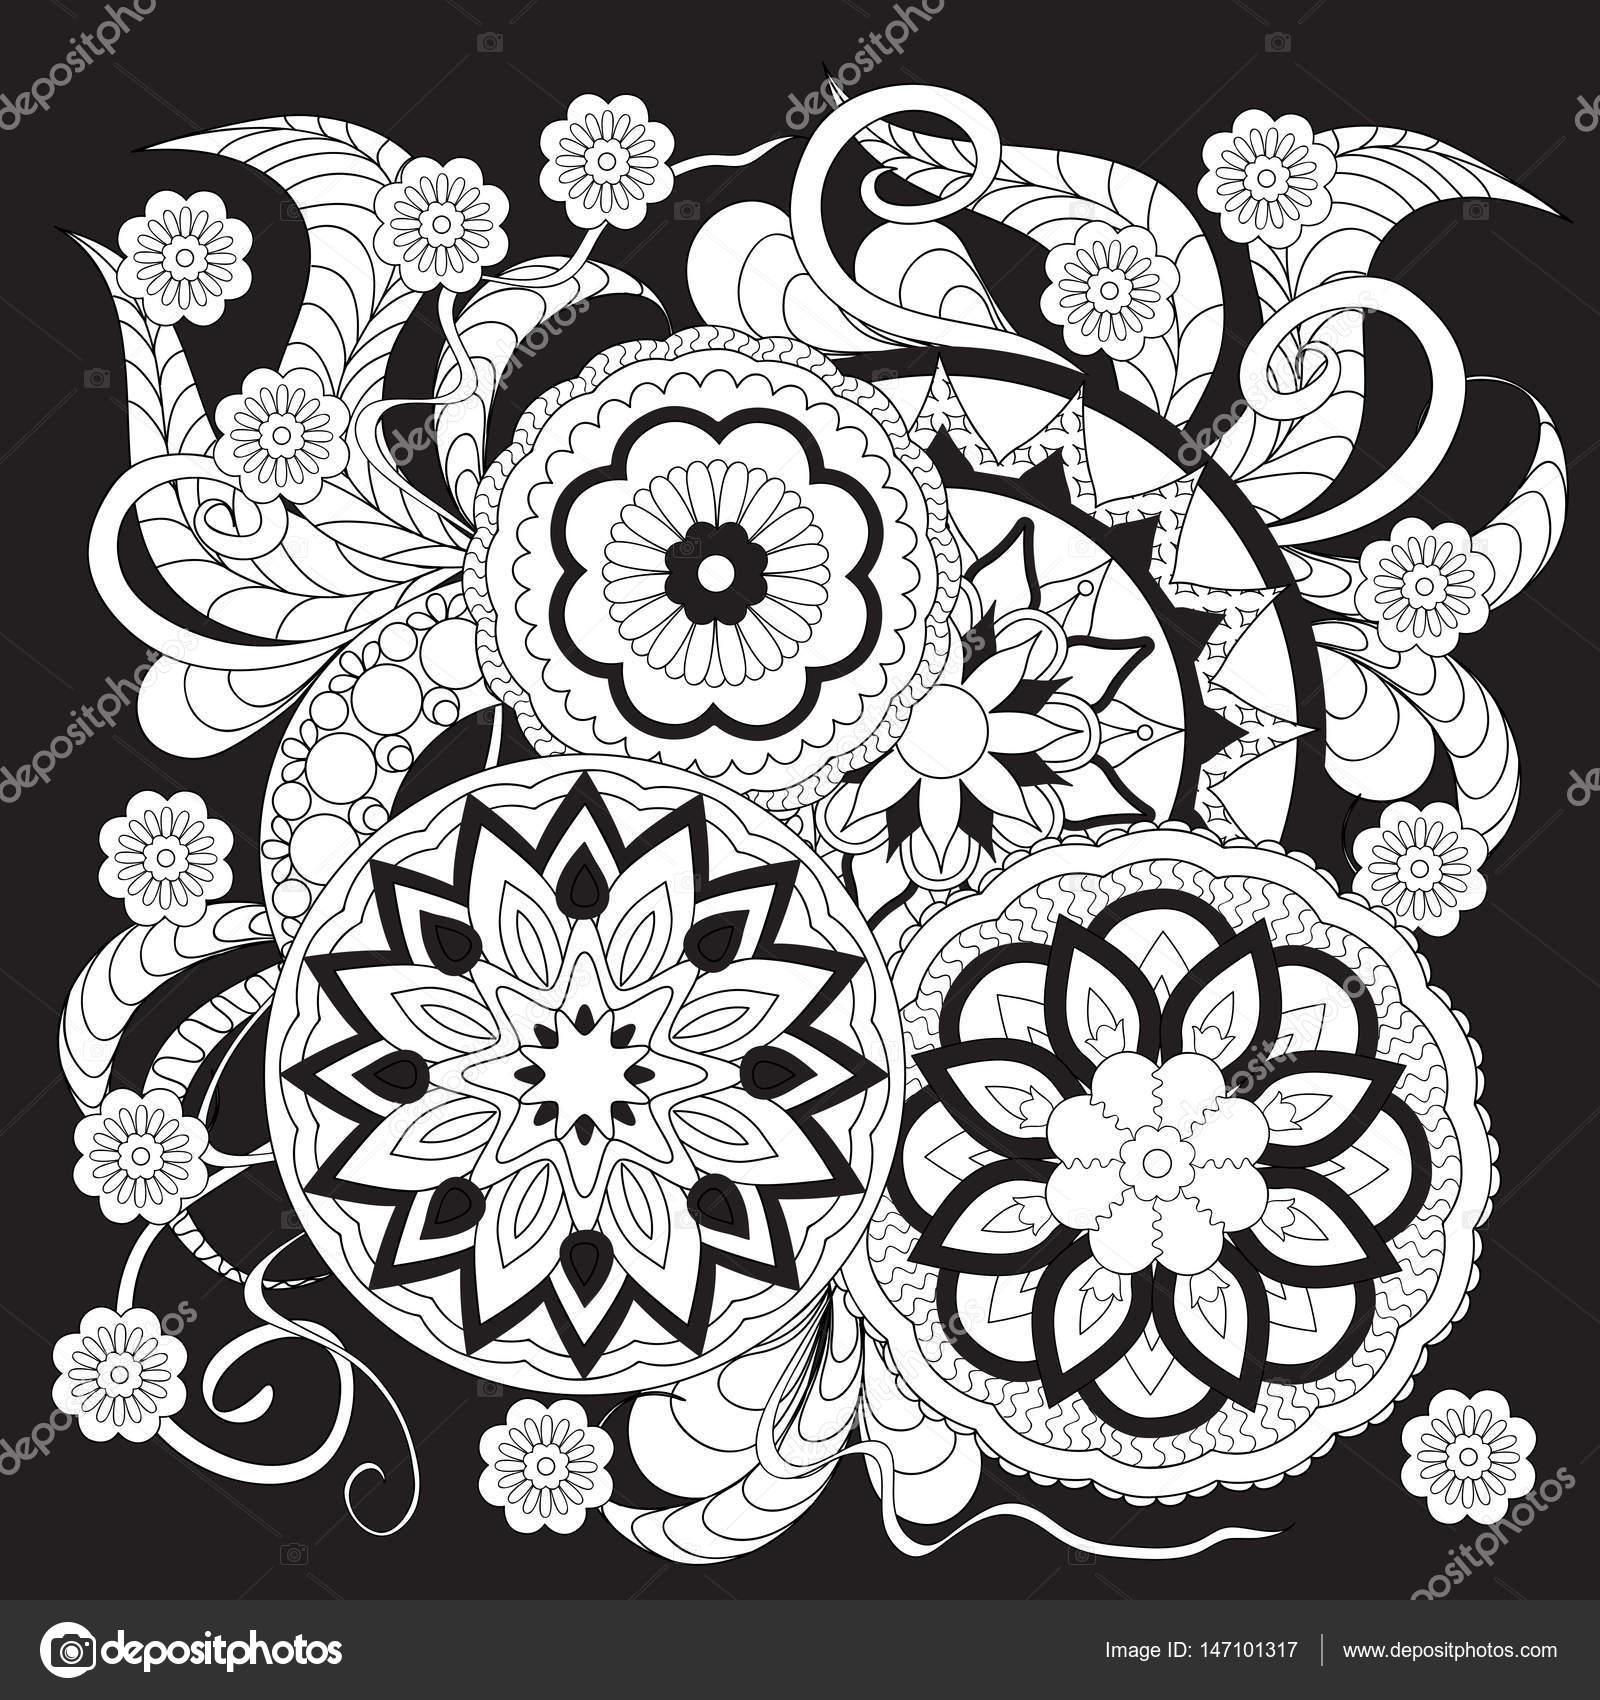 Main Dessine Isol Imprim Blanc Sur Fond Noir Dans Un Style Bohme Avec Des Mandalas Et Fleurs Pour Toile De Carte Visite Dcorer Les Plats